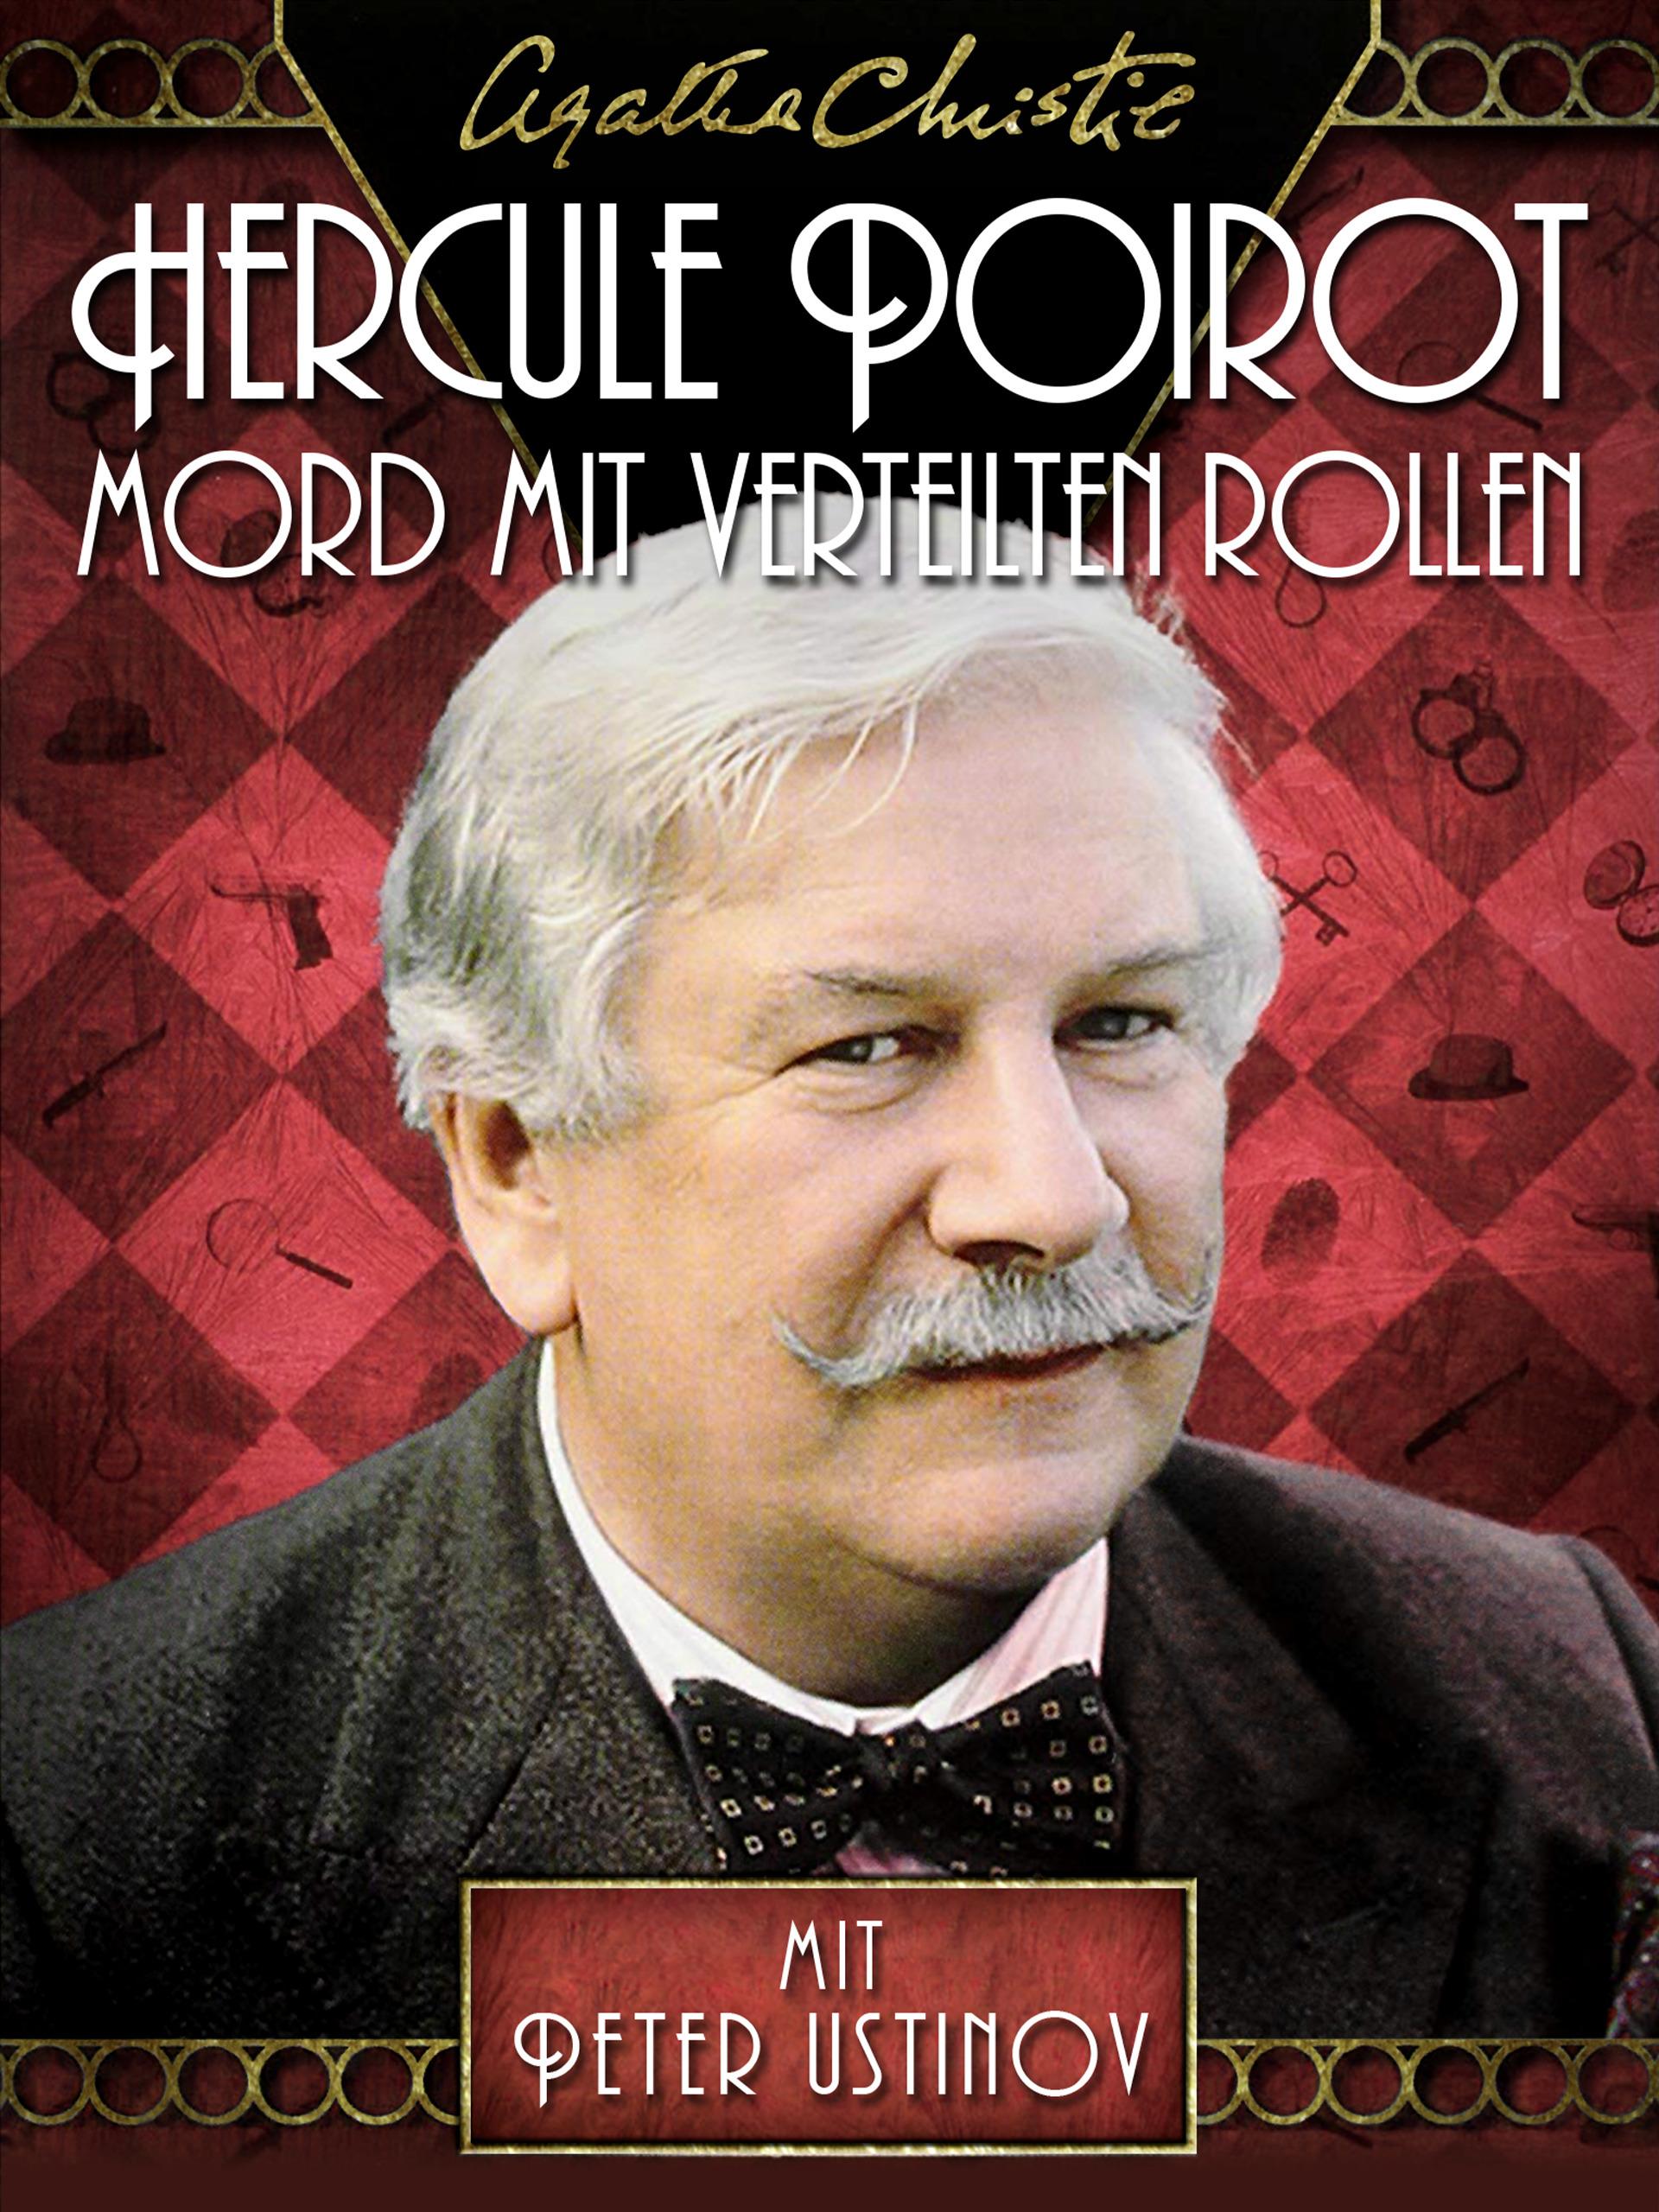 Hercule Poirot: Mord mit verteilten Rollen